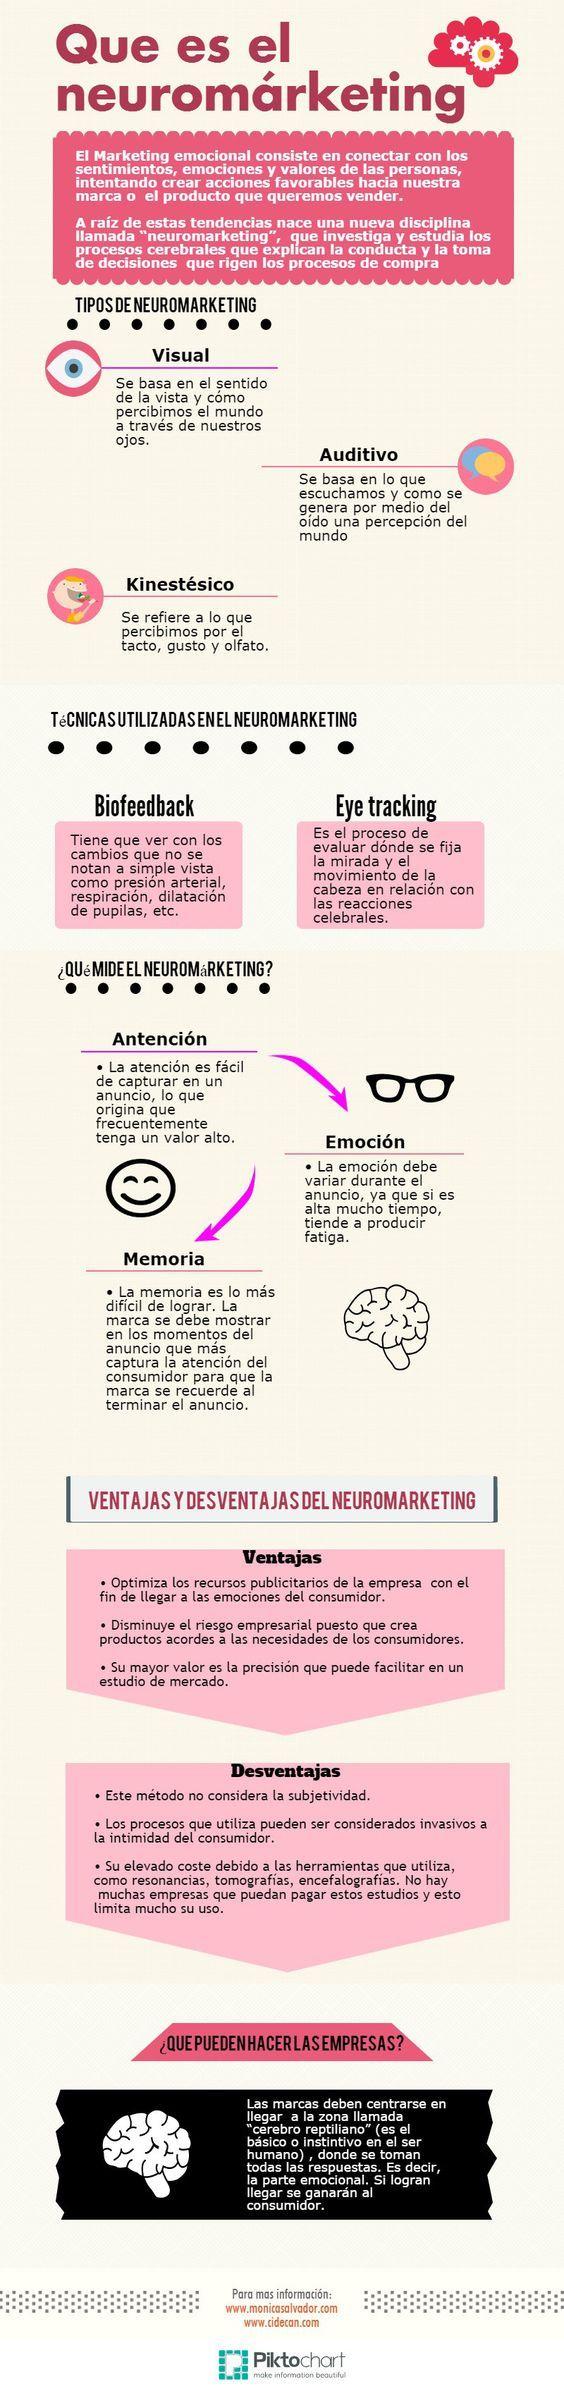 Cómo utilizar el #neuromarketing | www.neuromarketingytecnologia.net: